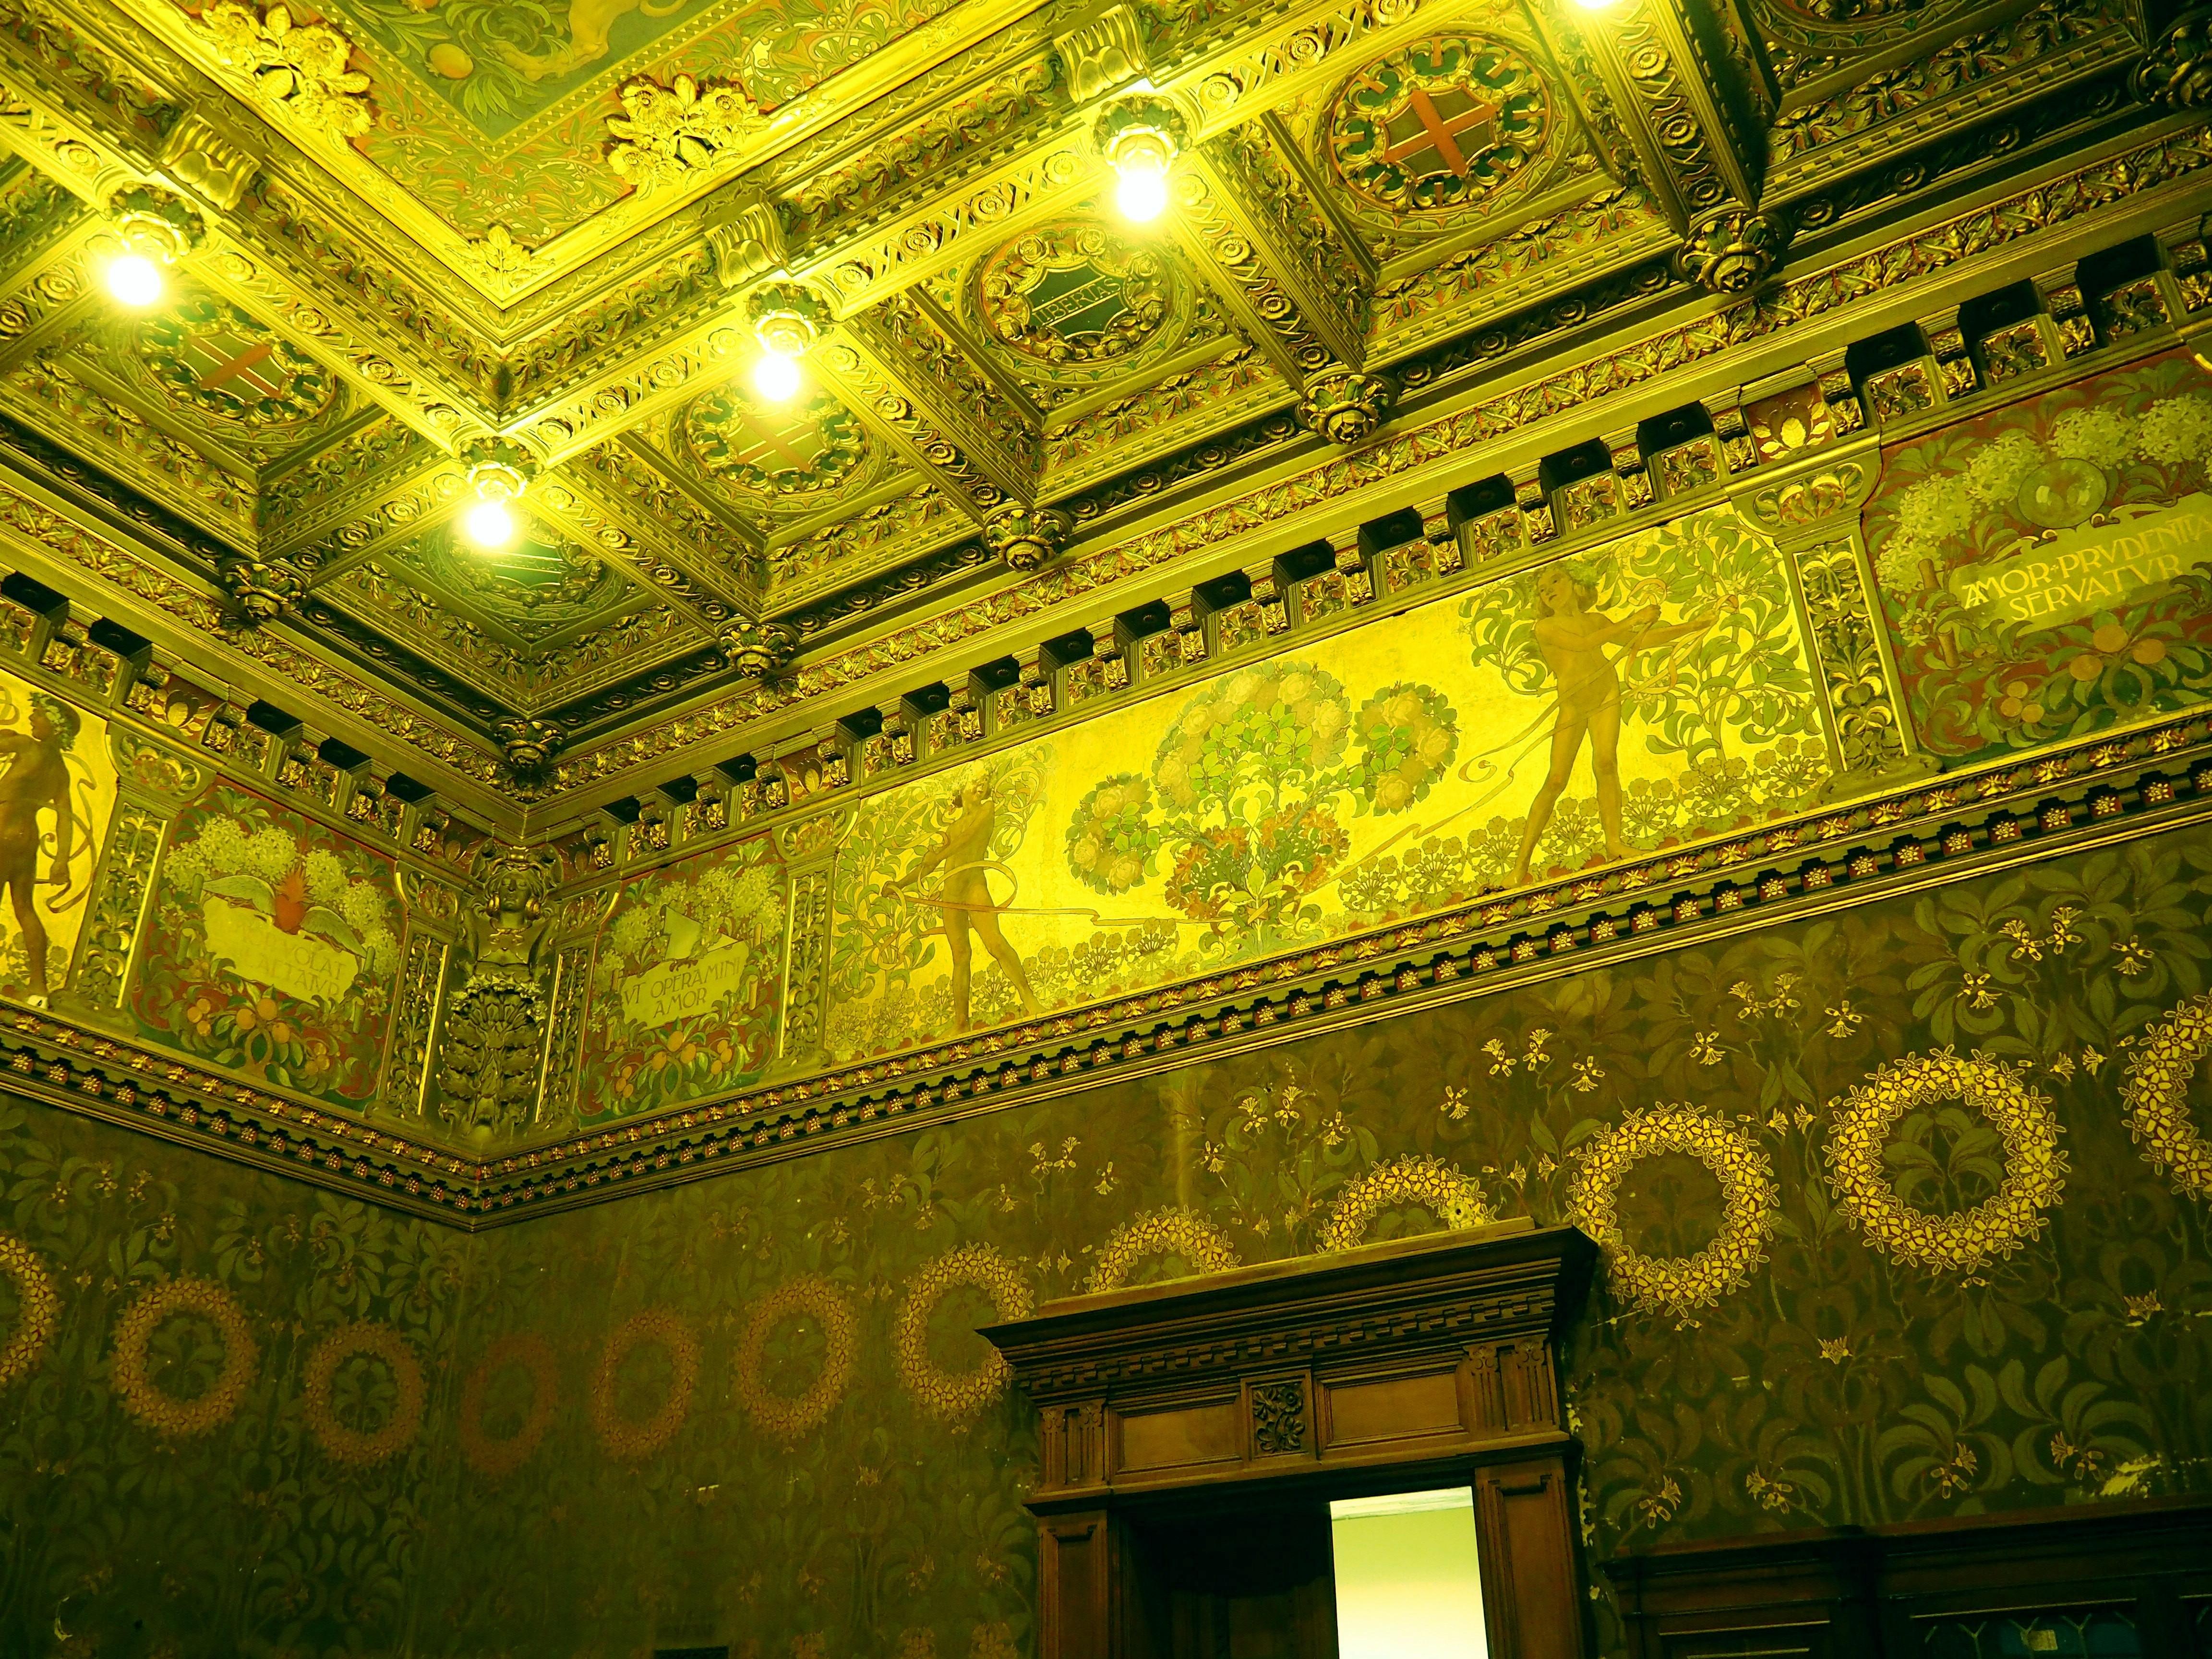 Ufficio Verde Weather : File palazzo d accursio sala verde g wikimedia commons